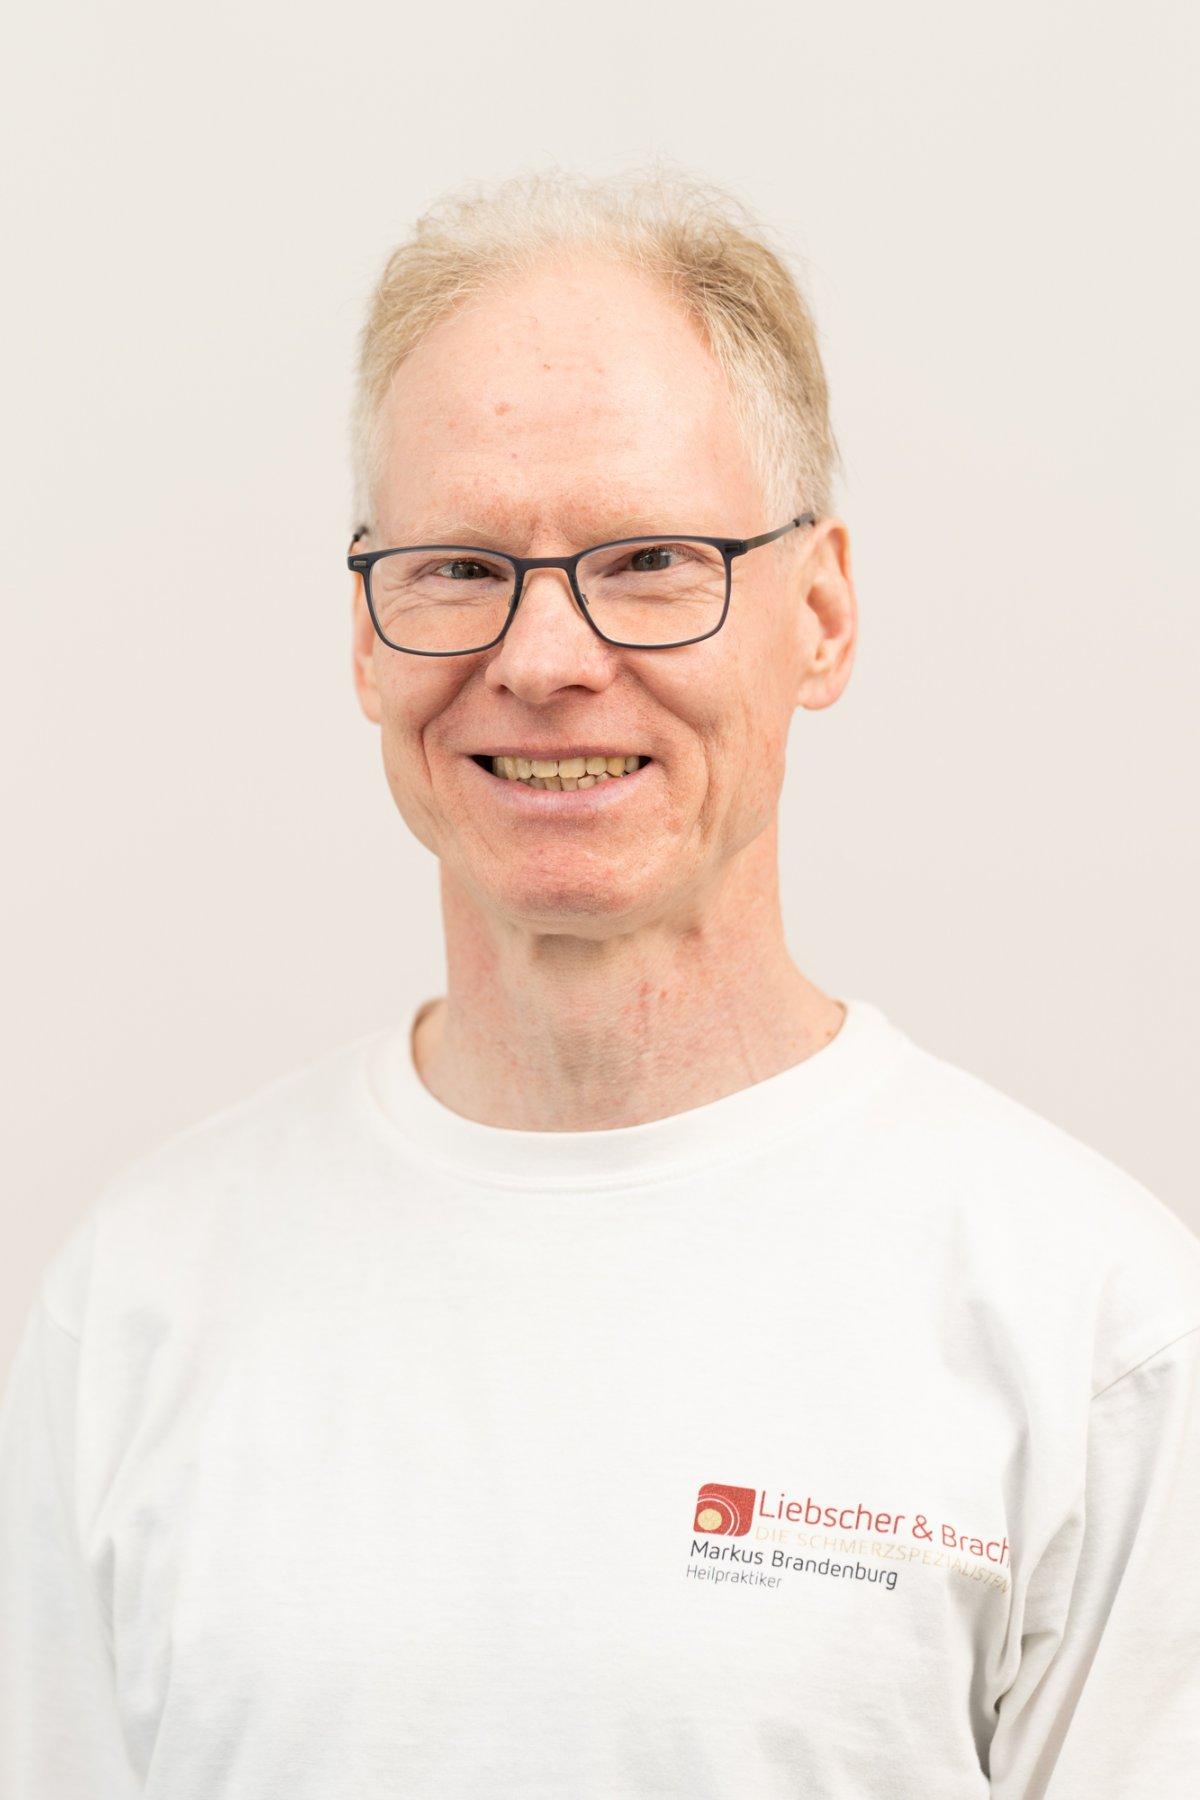 Der Heilpraktiker aus Berlin Steglitz Markus Brandenburg steht vor einem weißen Hintergrund. Er trägt ein Liebscher & Bracht T-Shirt, eine schwarze eckige Brille und hat kurze blond-graue Haare.